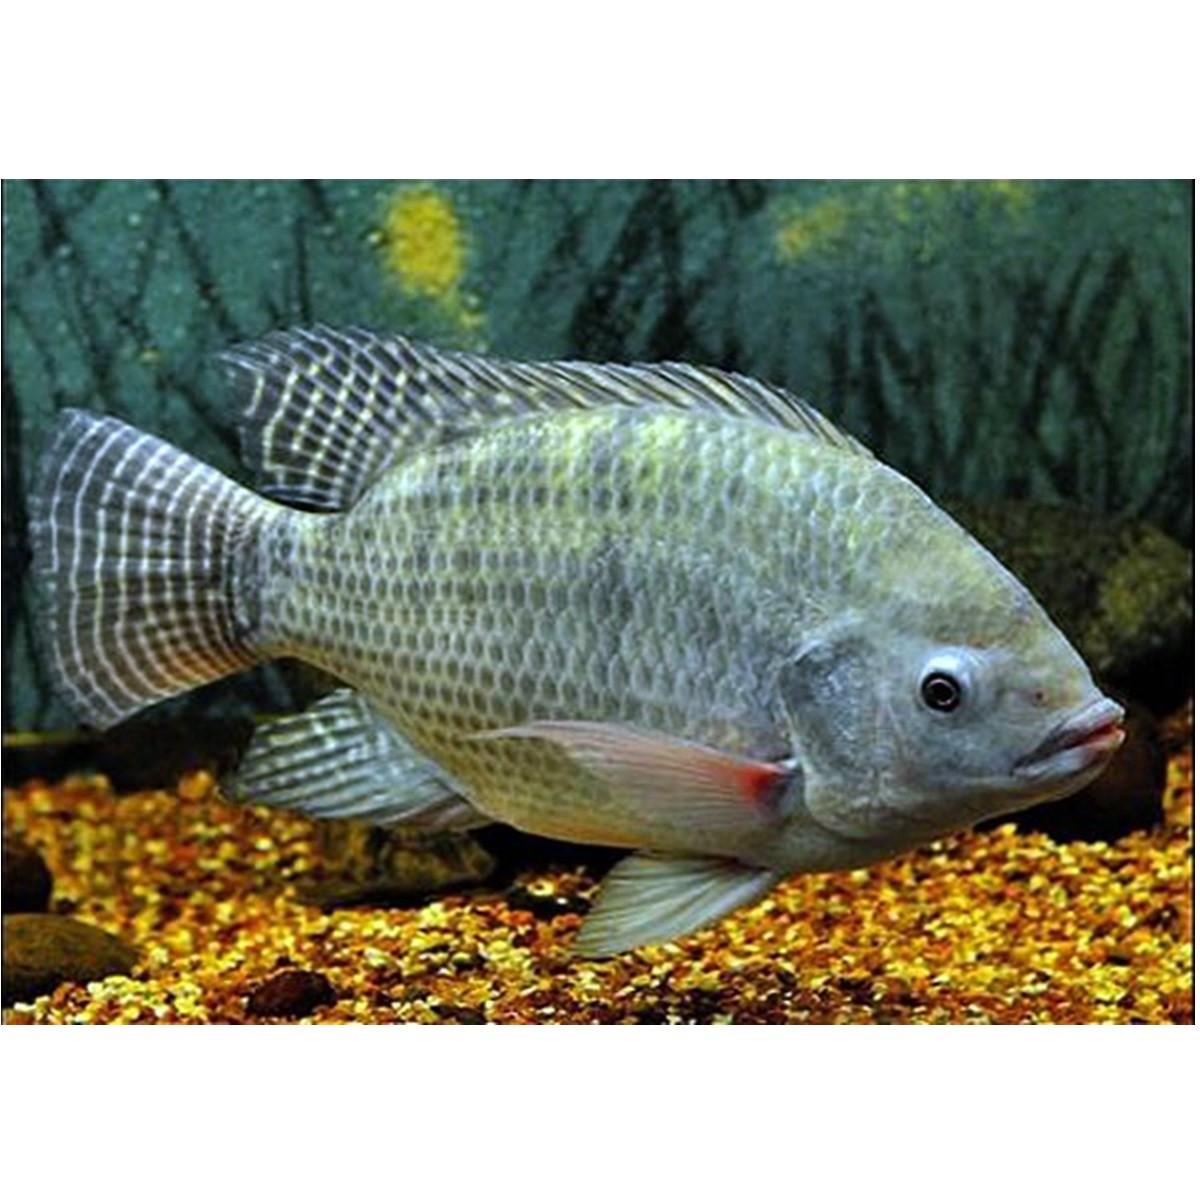 Atrativo Para Pesca Efeito Nuvem Proteinas Vitaminas Aminoacidos 1 Frasco Com 100ml Mix Cloud Baits